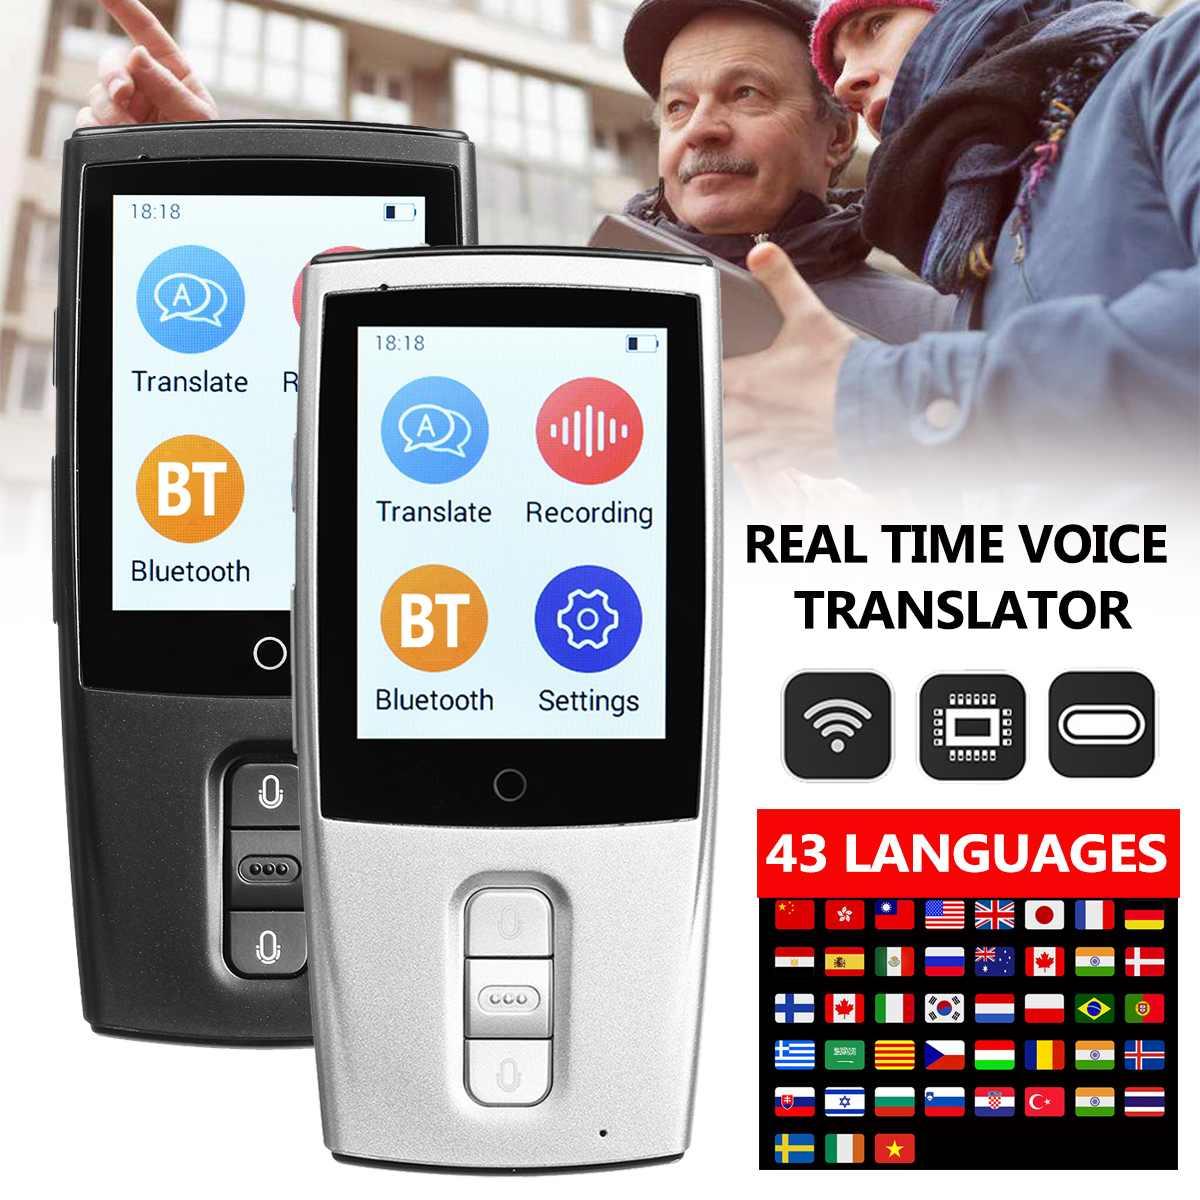 Tradutor De Voz Inteligente portátil Two-Way Wi-fi Em Tempo Real 43 Traductor Tradução Instantânea para a Aprendizagem de Línguas Reunião de Negócios